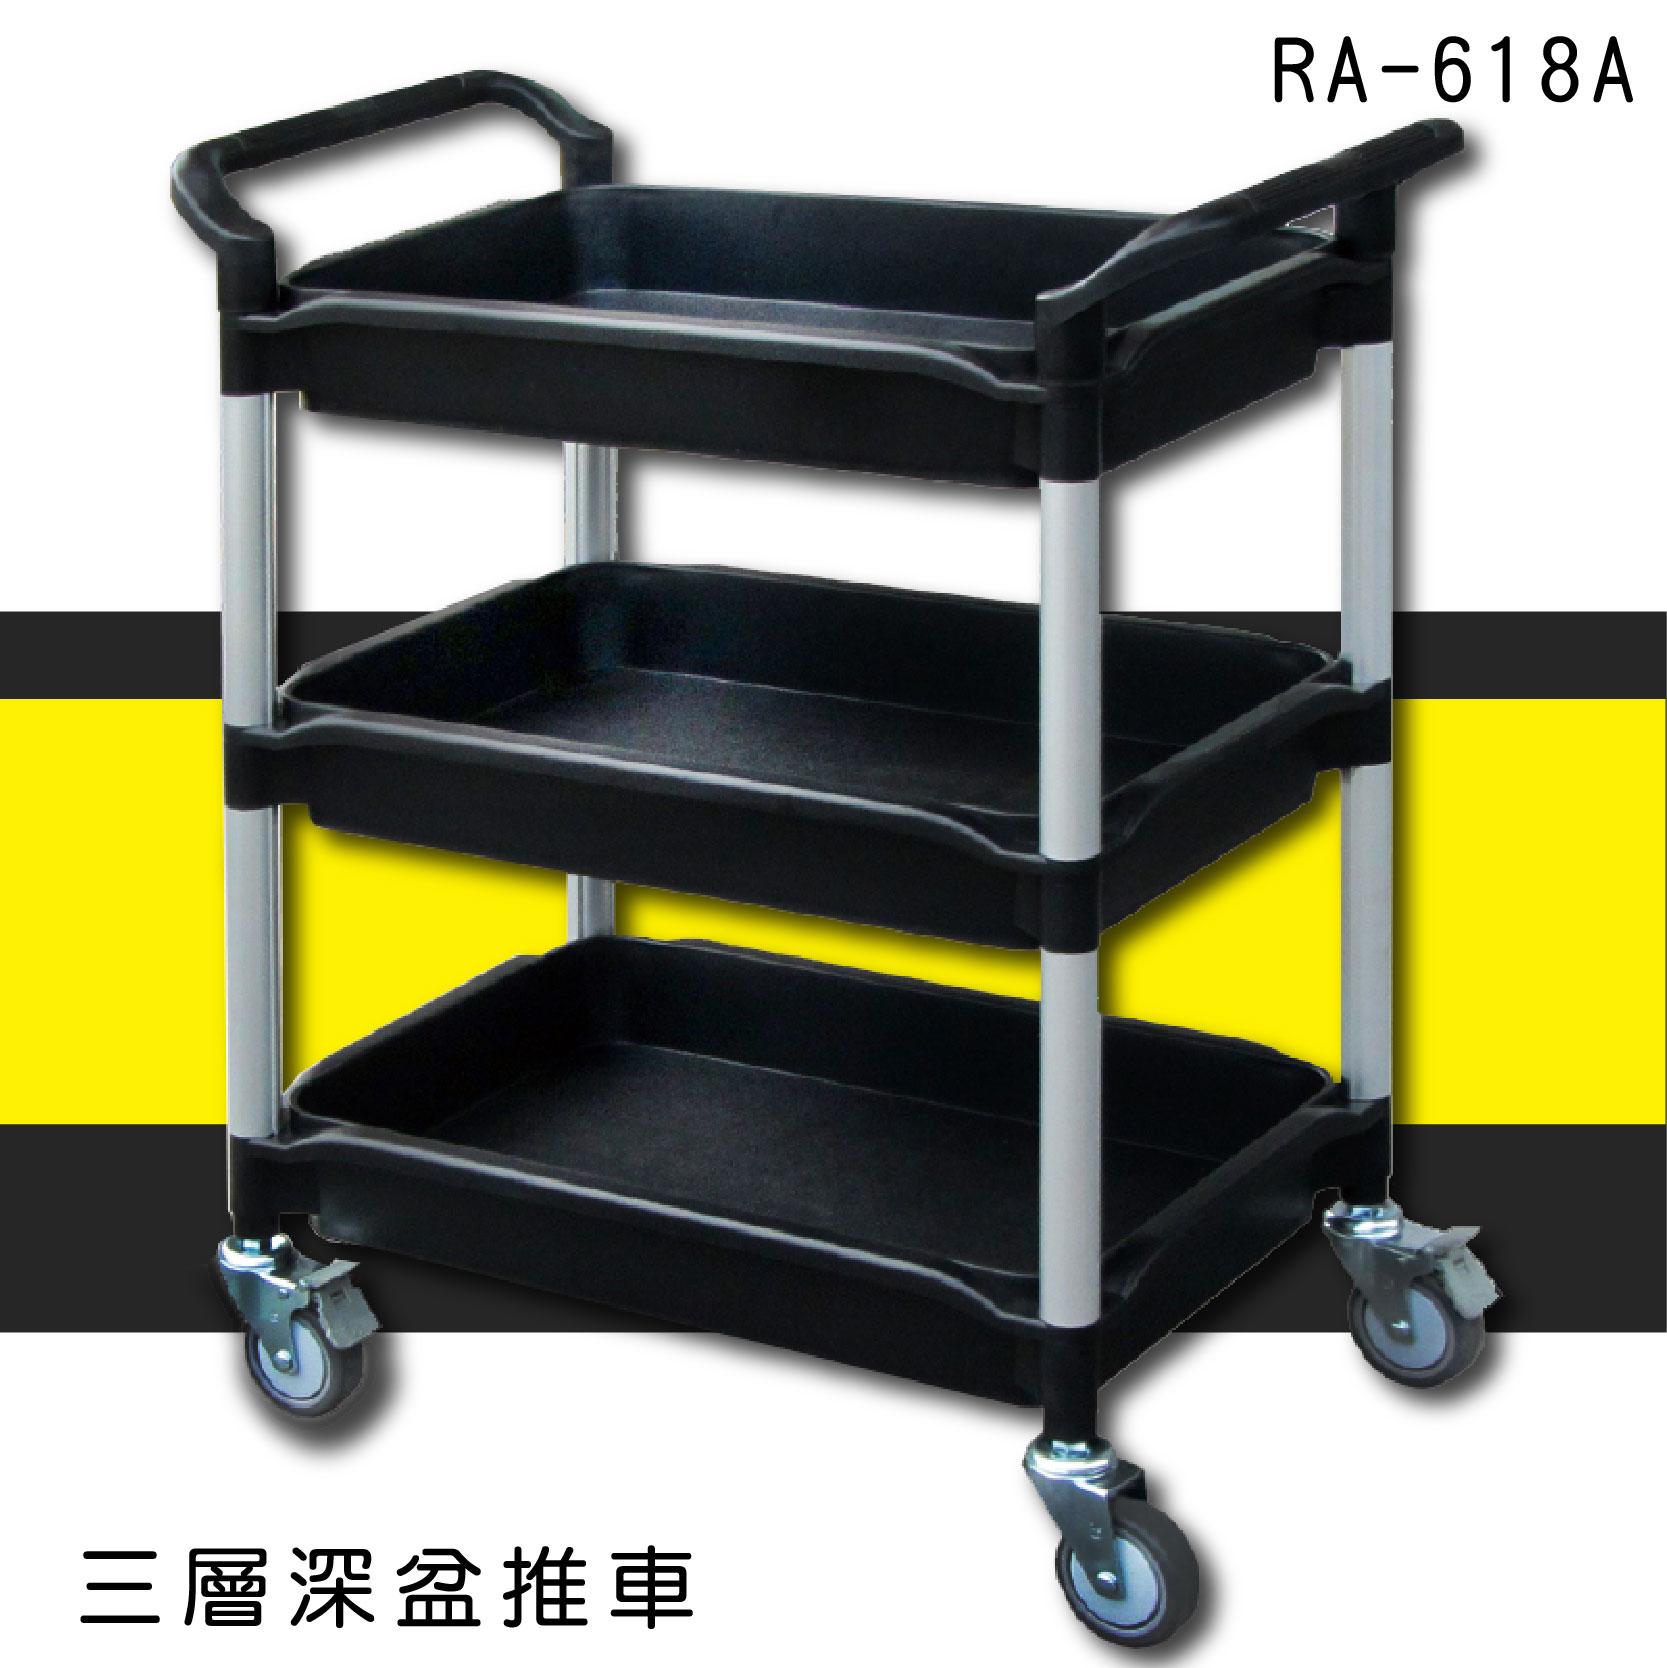 常用推車 RA-618A 三層深盆推車 推車 工具車 運送 收納 餐車三層推車 餐廳 飯店 送收餐車 收碗車